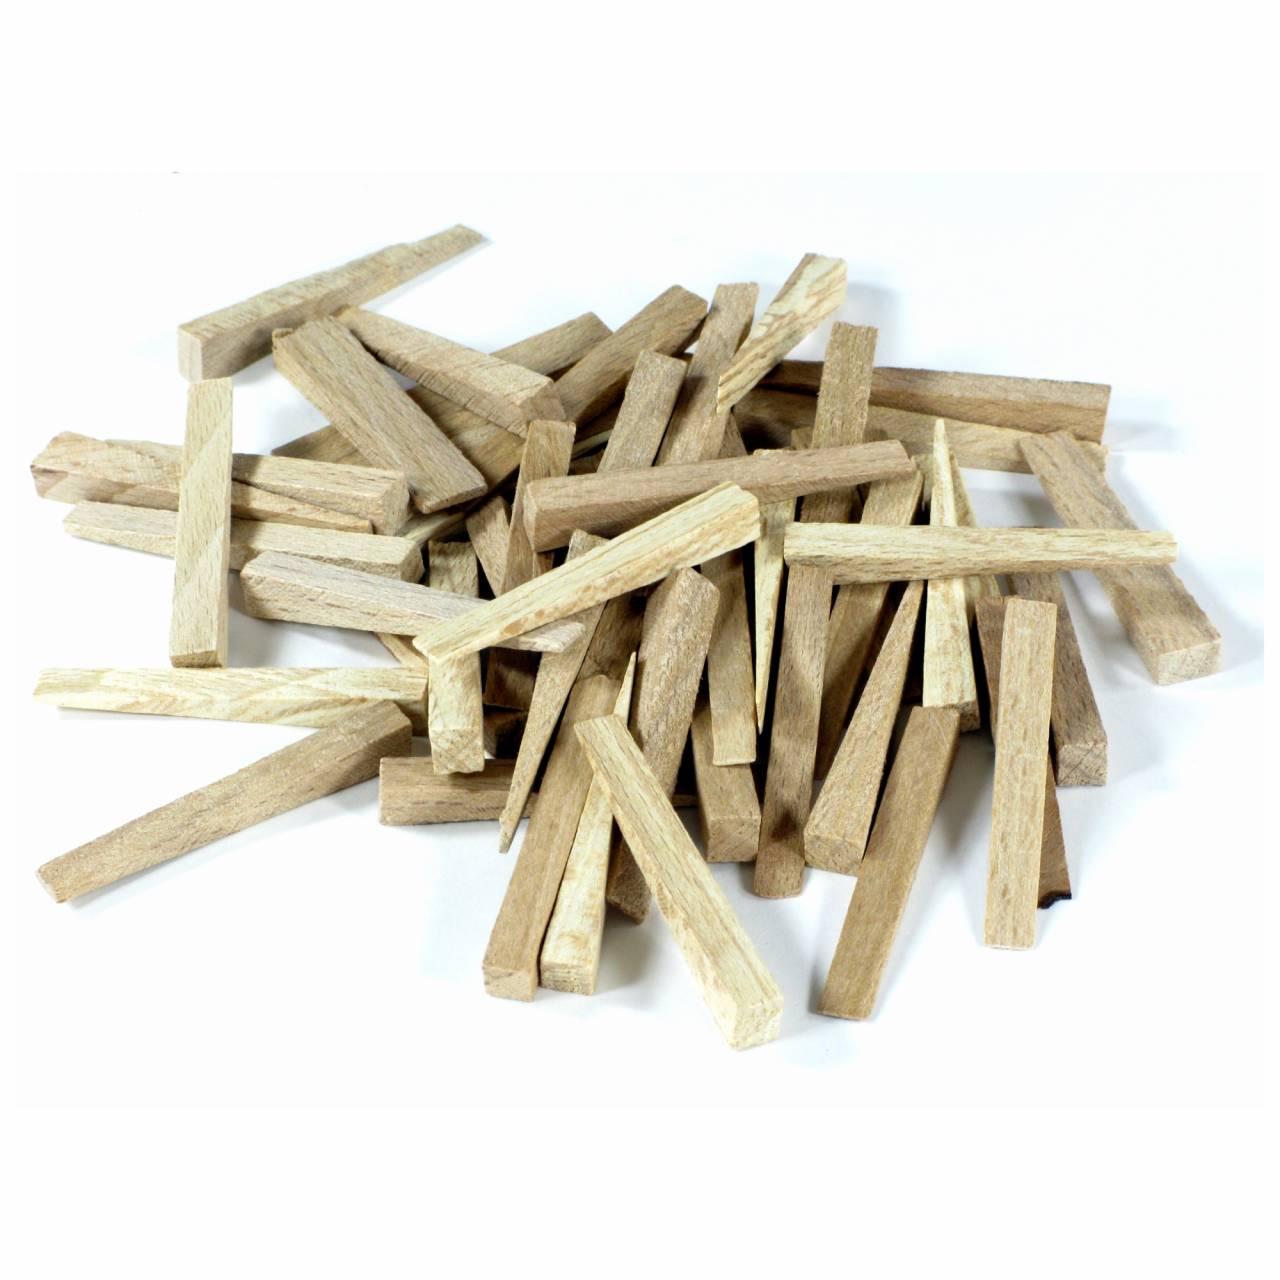 Fliesenkeile Holz 54,0 x 7,0 x 0,0-8,0 mm / Btl a 500 Stück